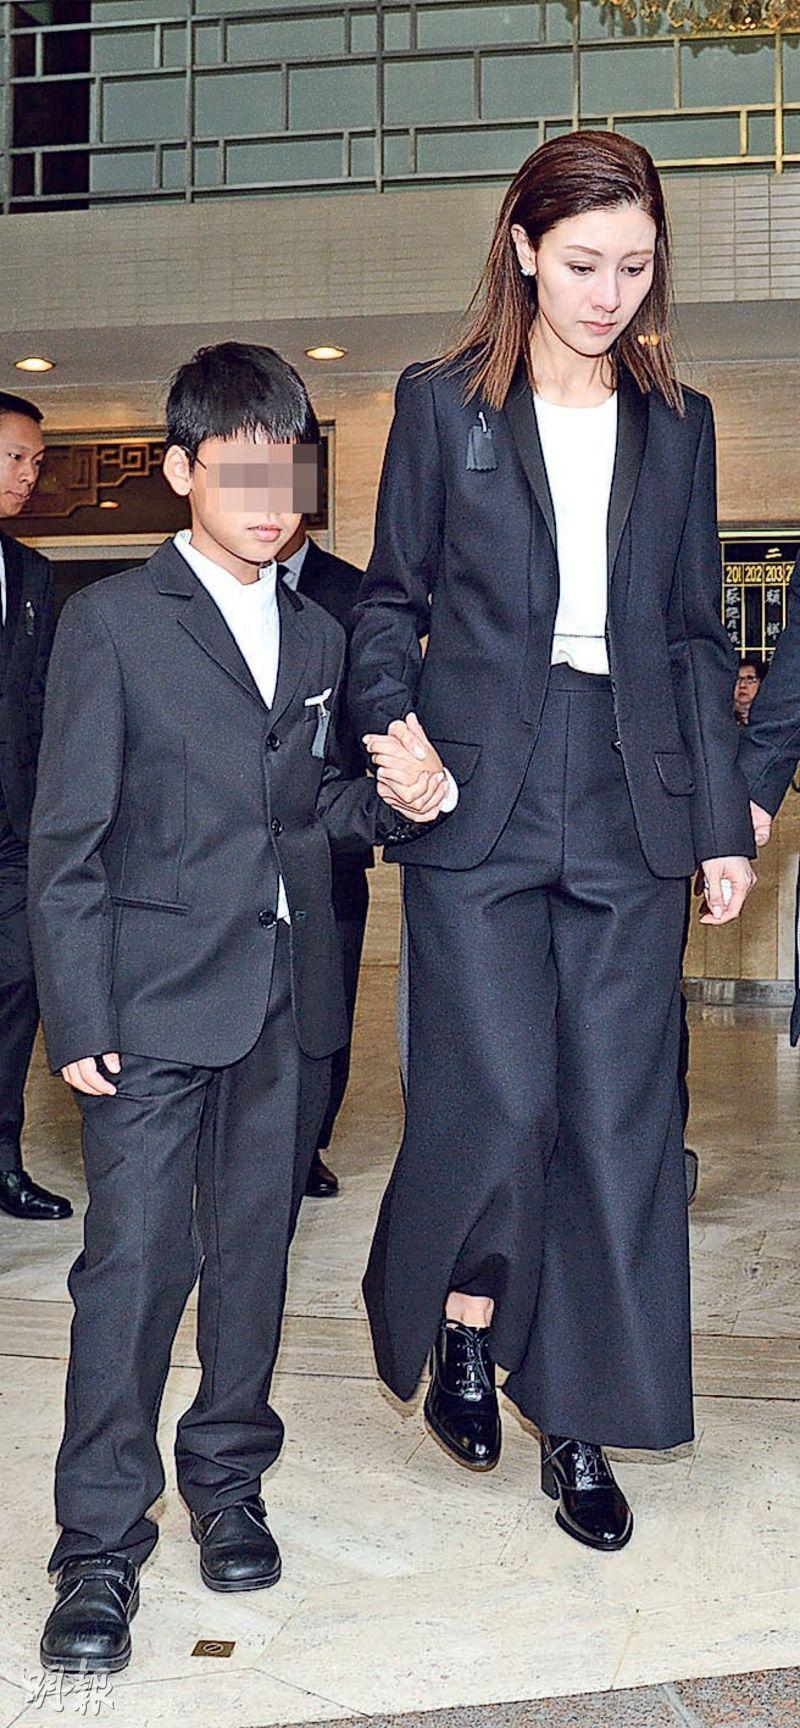 李嘉欣拖着7歲兒子許建彤步出殯儀館,神情哀傷,眼睛鼻子通紅。(攝影:劉永銳)